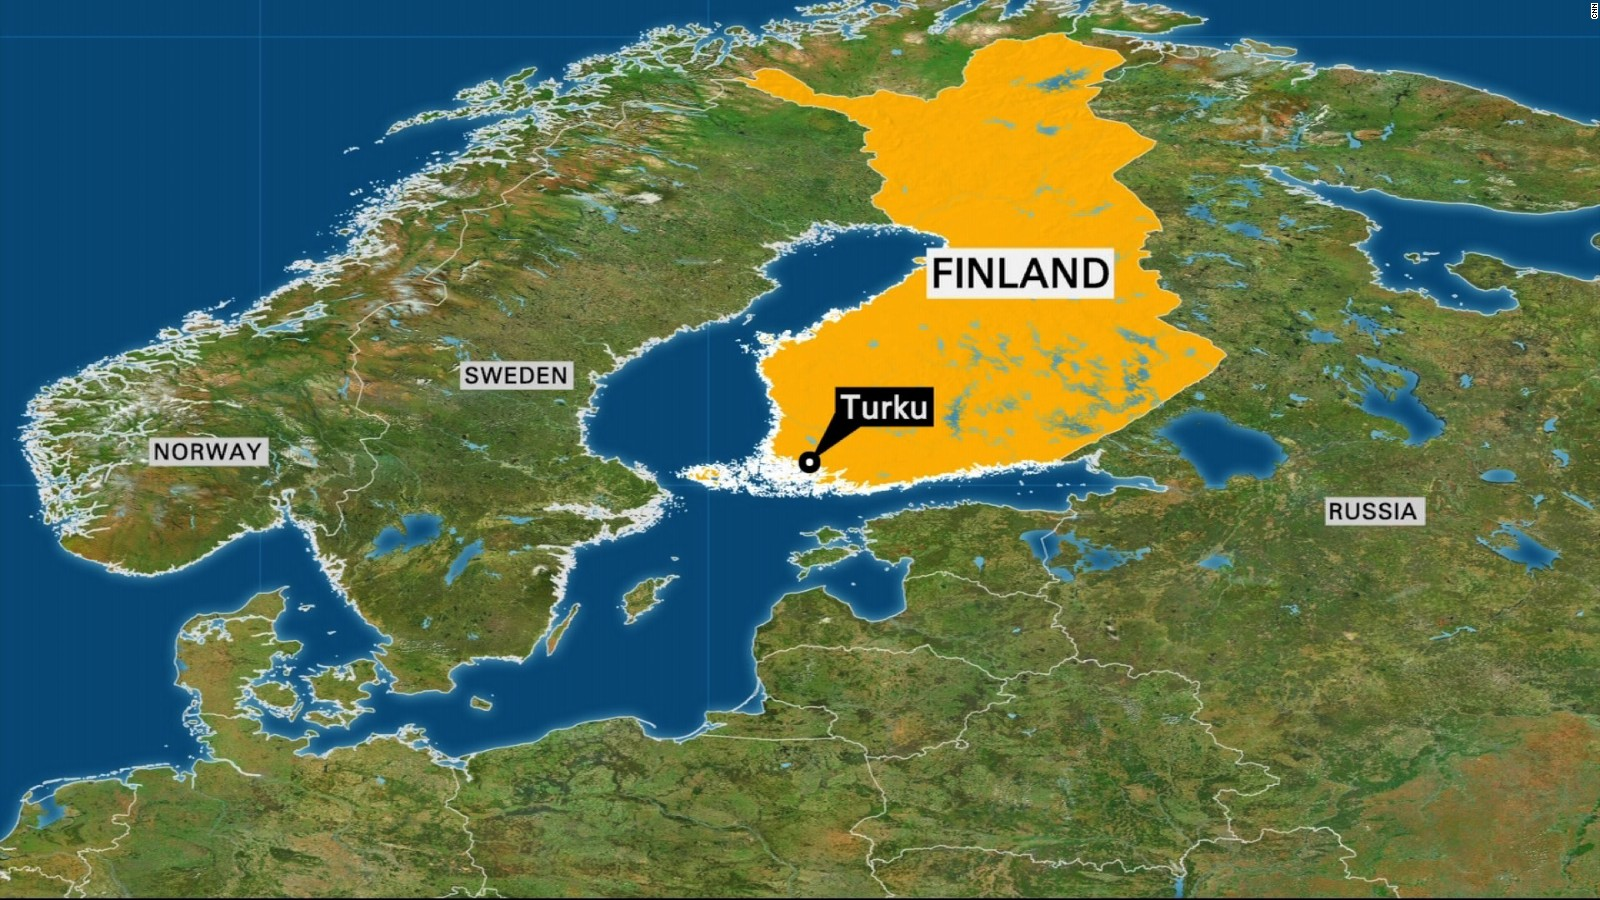 Hasil gambar untuk finland